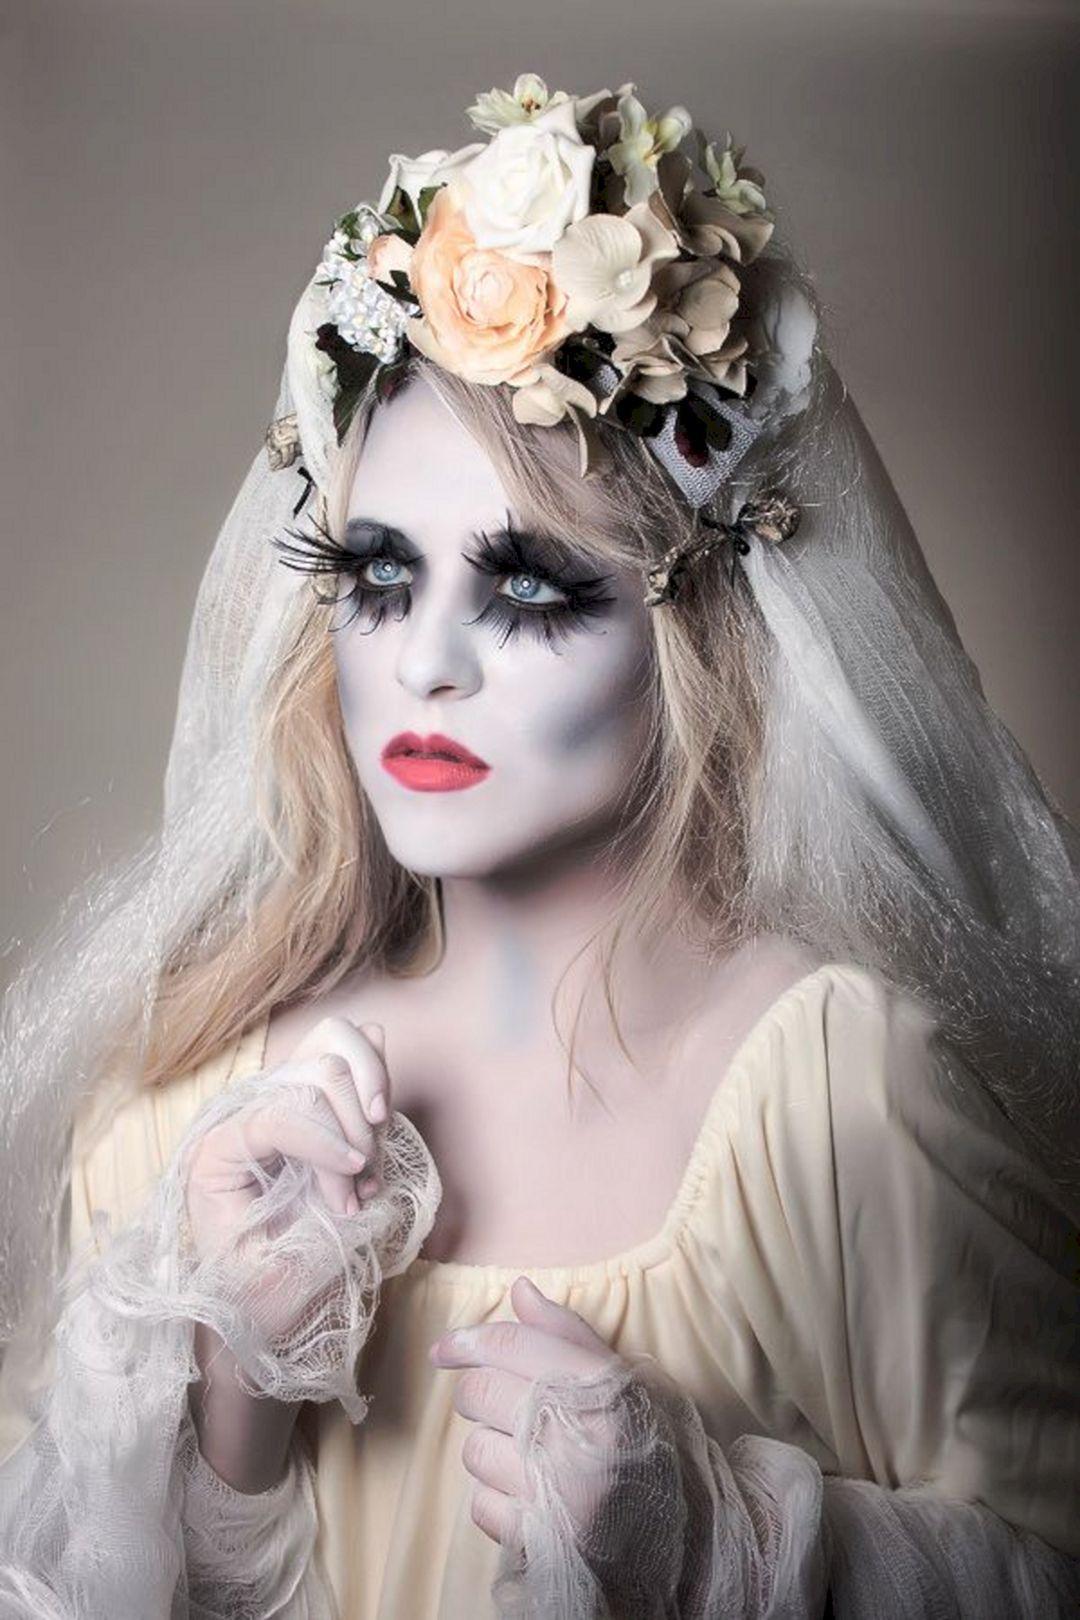 Gothic Bride Halloween Makeup – OOSILE